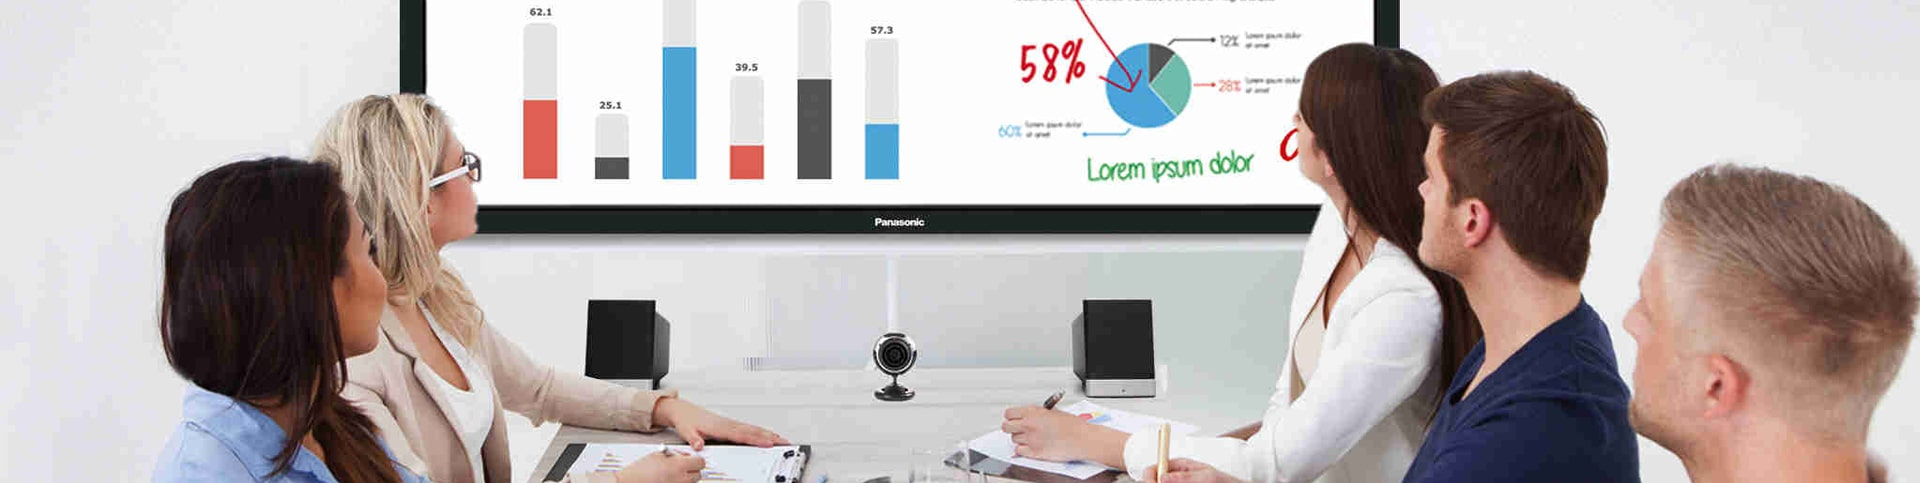 Beamer, Smartboards, Projektoren, Leinwände etc. inkl. fachgerechter Montage, Wartung und Service.